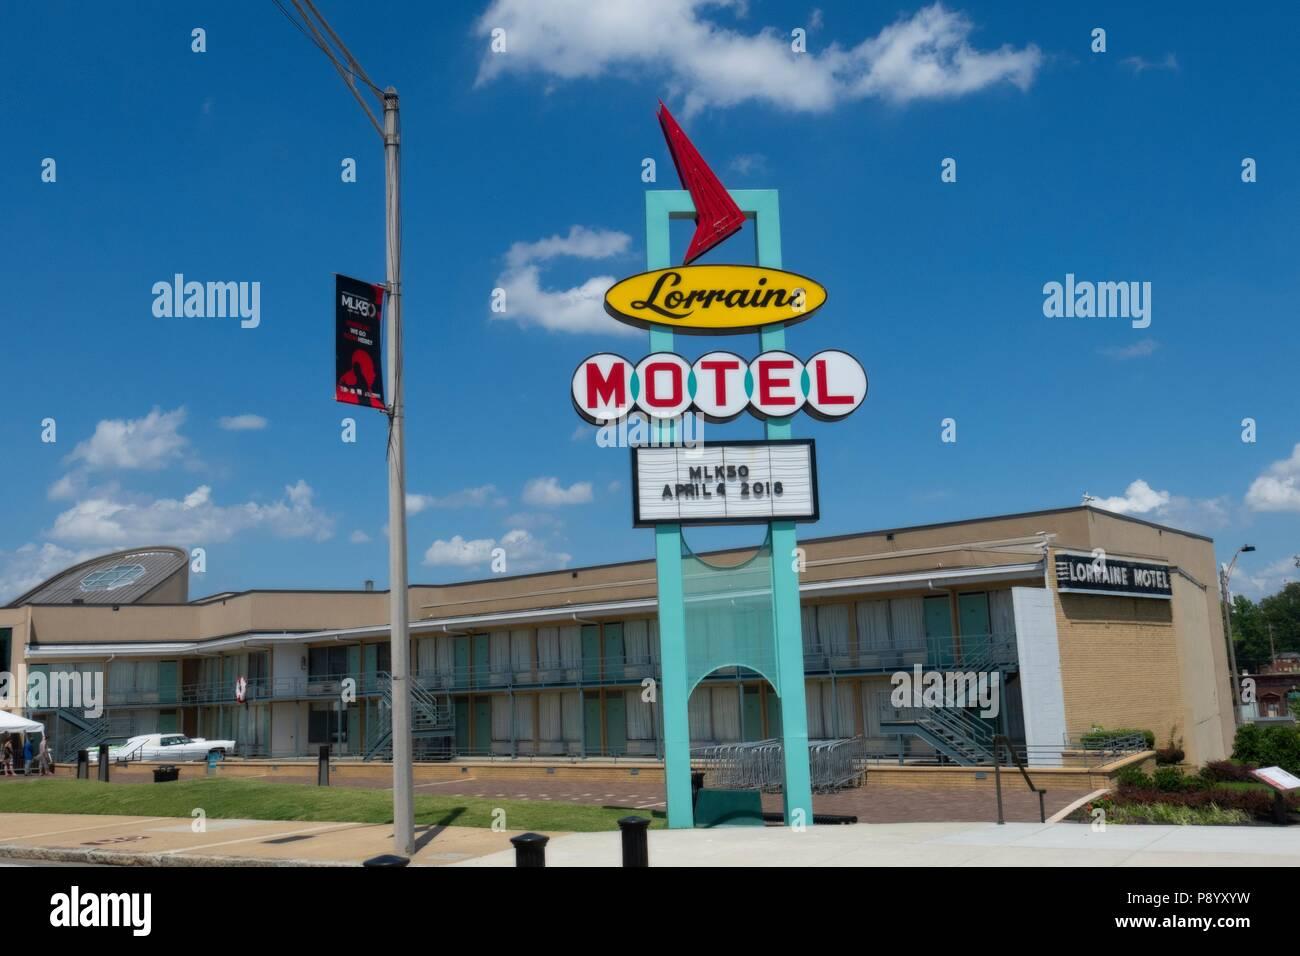 Restaurierte Leuchtreklame außerhalb der Lorraine Motel, wo Martin Luther King erschossen wurde, wurde als das National Civil Rights Museum in Memphis wiederhergestellt Stockfoto